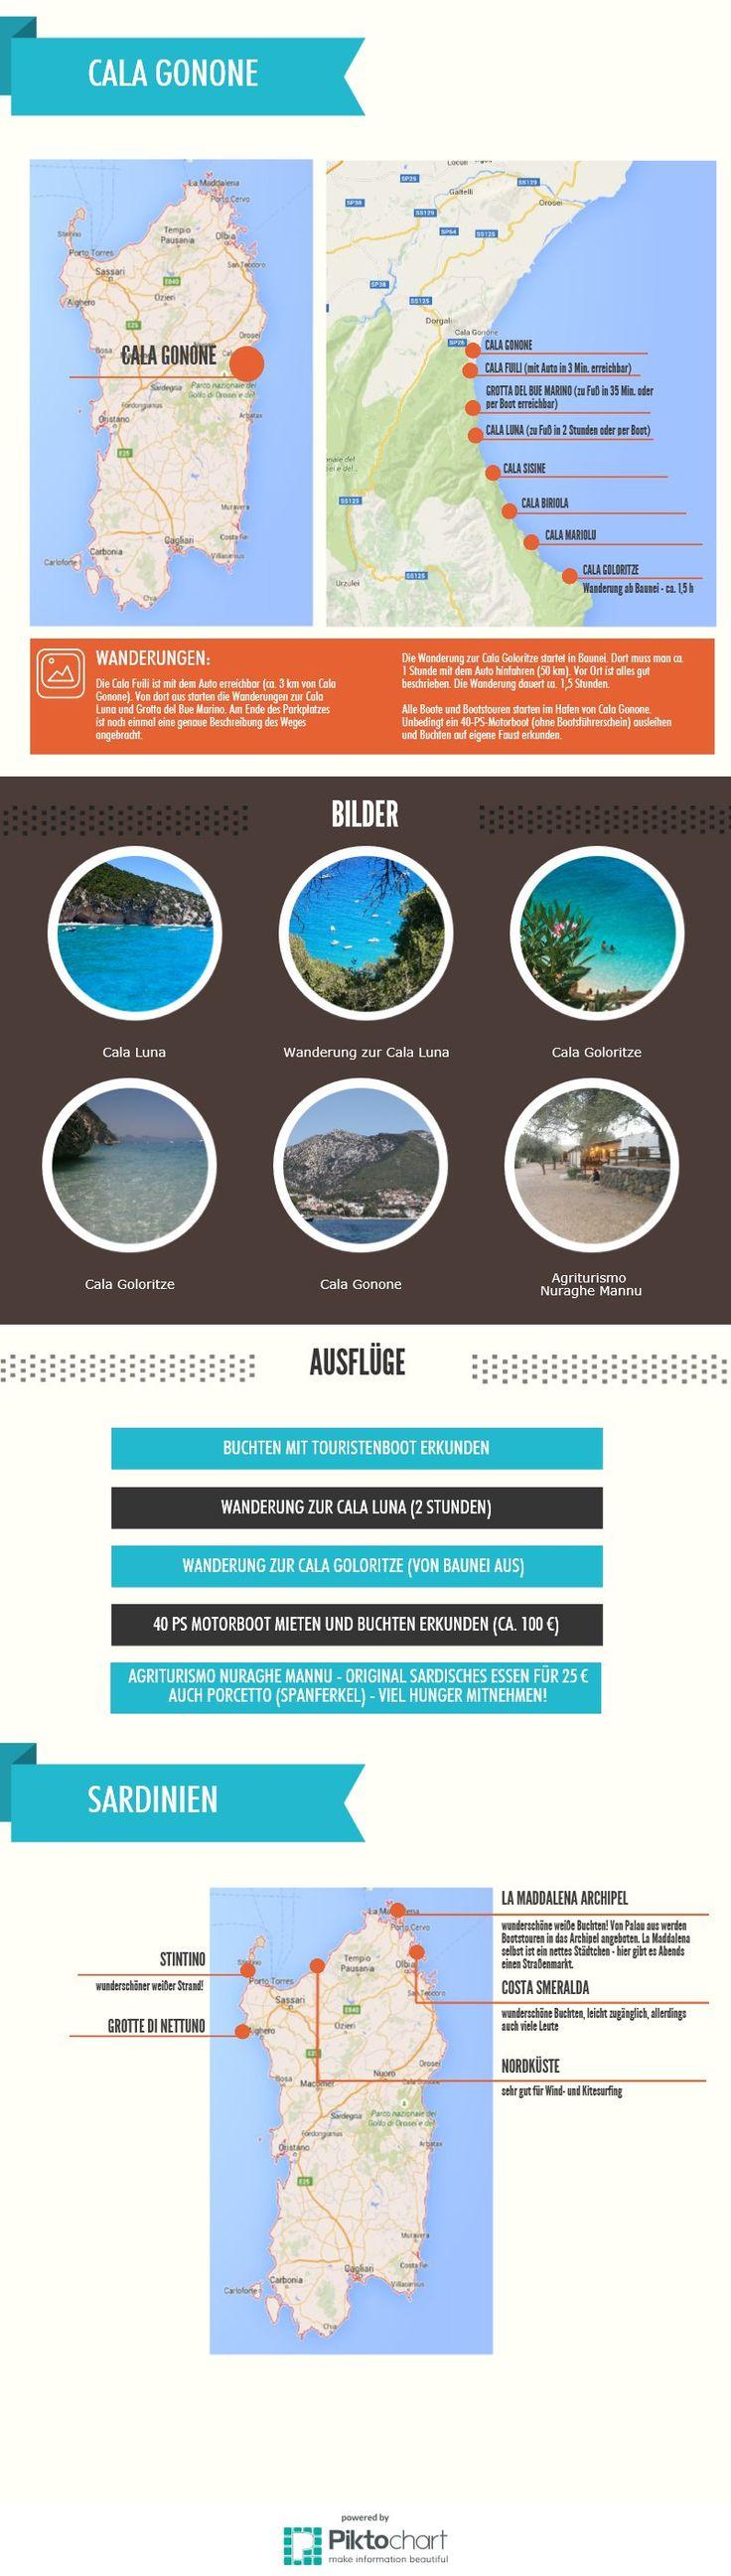 sardinien - cala gonone | @Piktochart Infographic